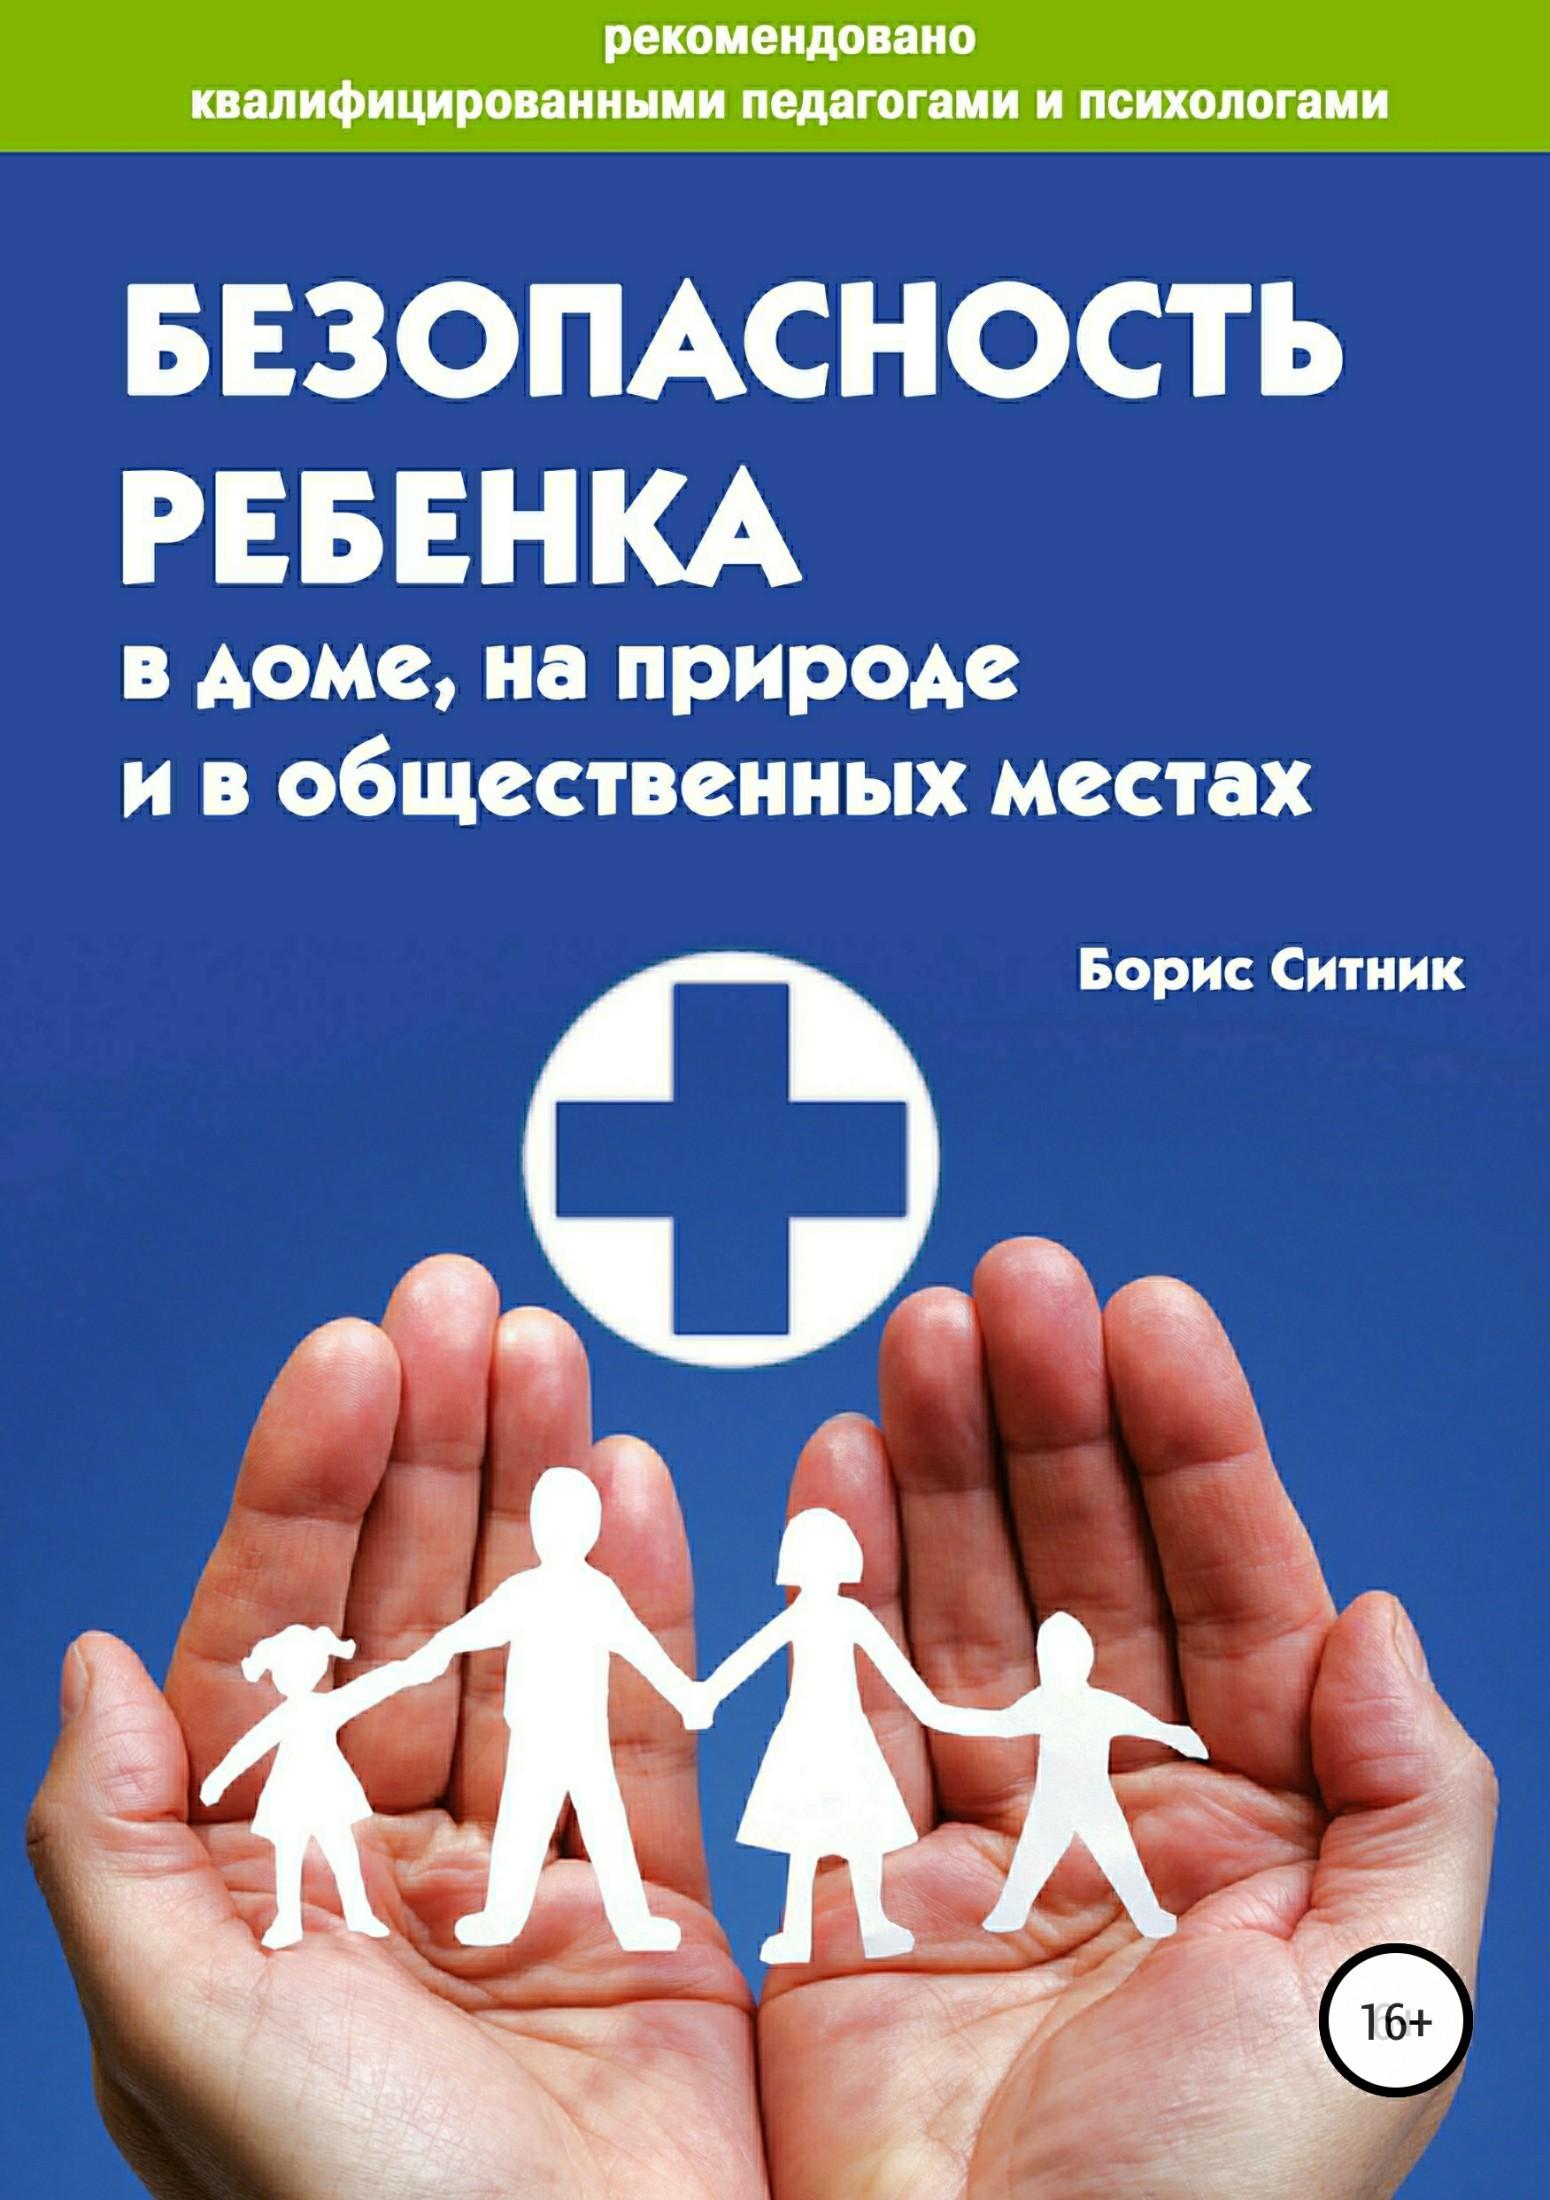 Безопасность ребенка в доме, на улице и в общественных местах